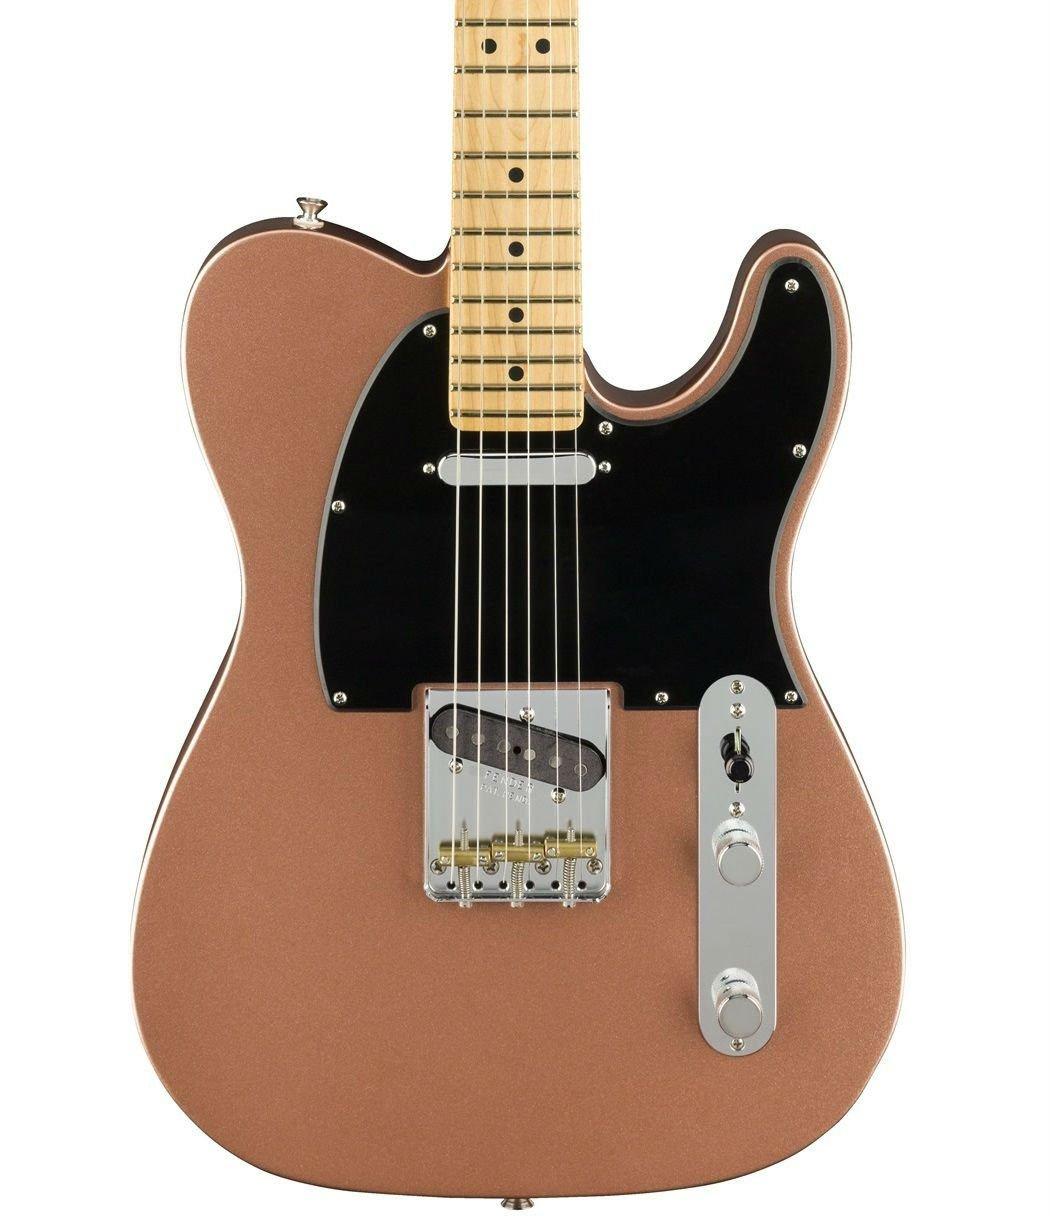 Fender Jaguar Sweetwater: Electric Guitar